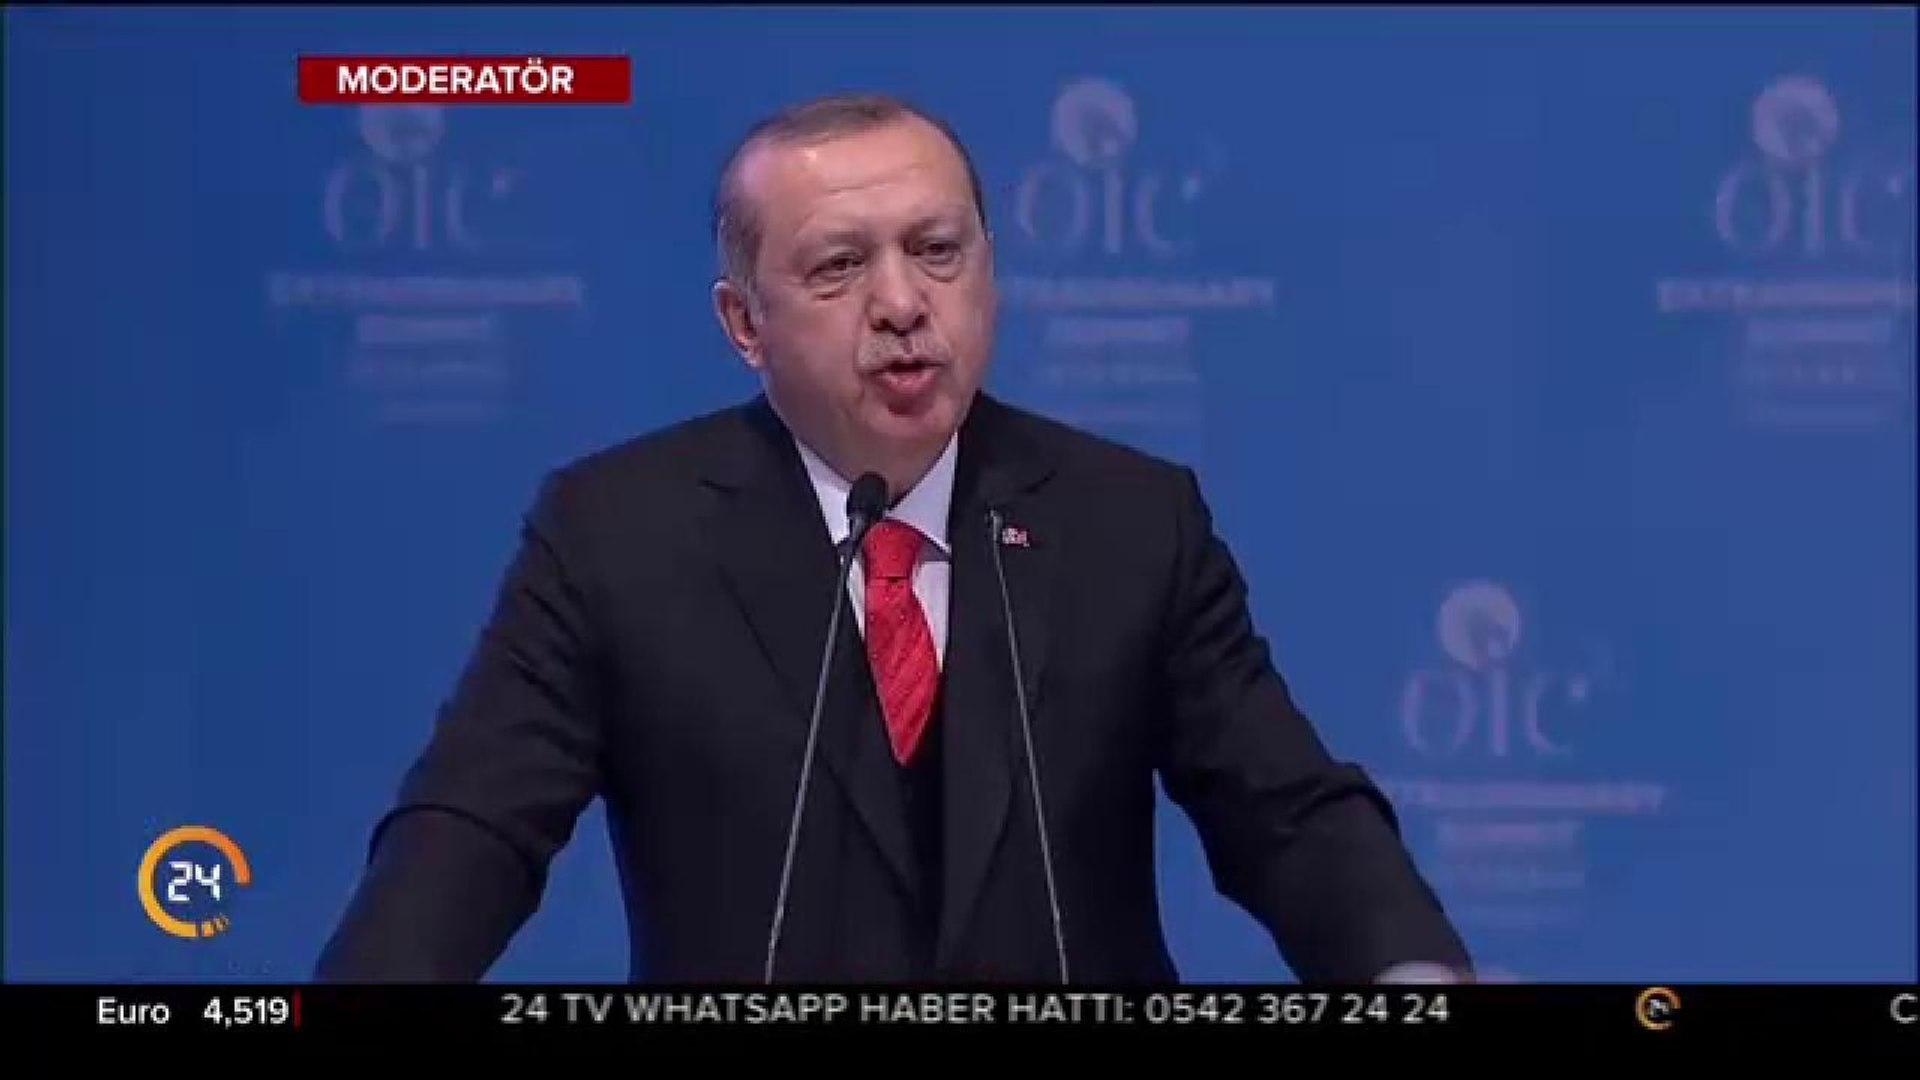 Cumhurbaşkanı Erdoğan İsrail'in zalim uygulamalarını dünyaya ifşa etti